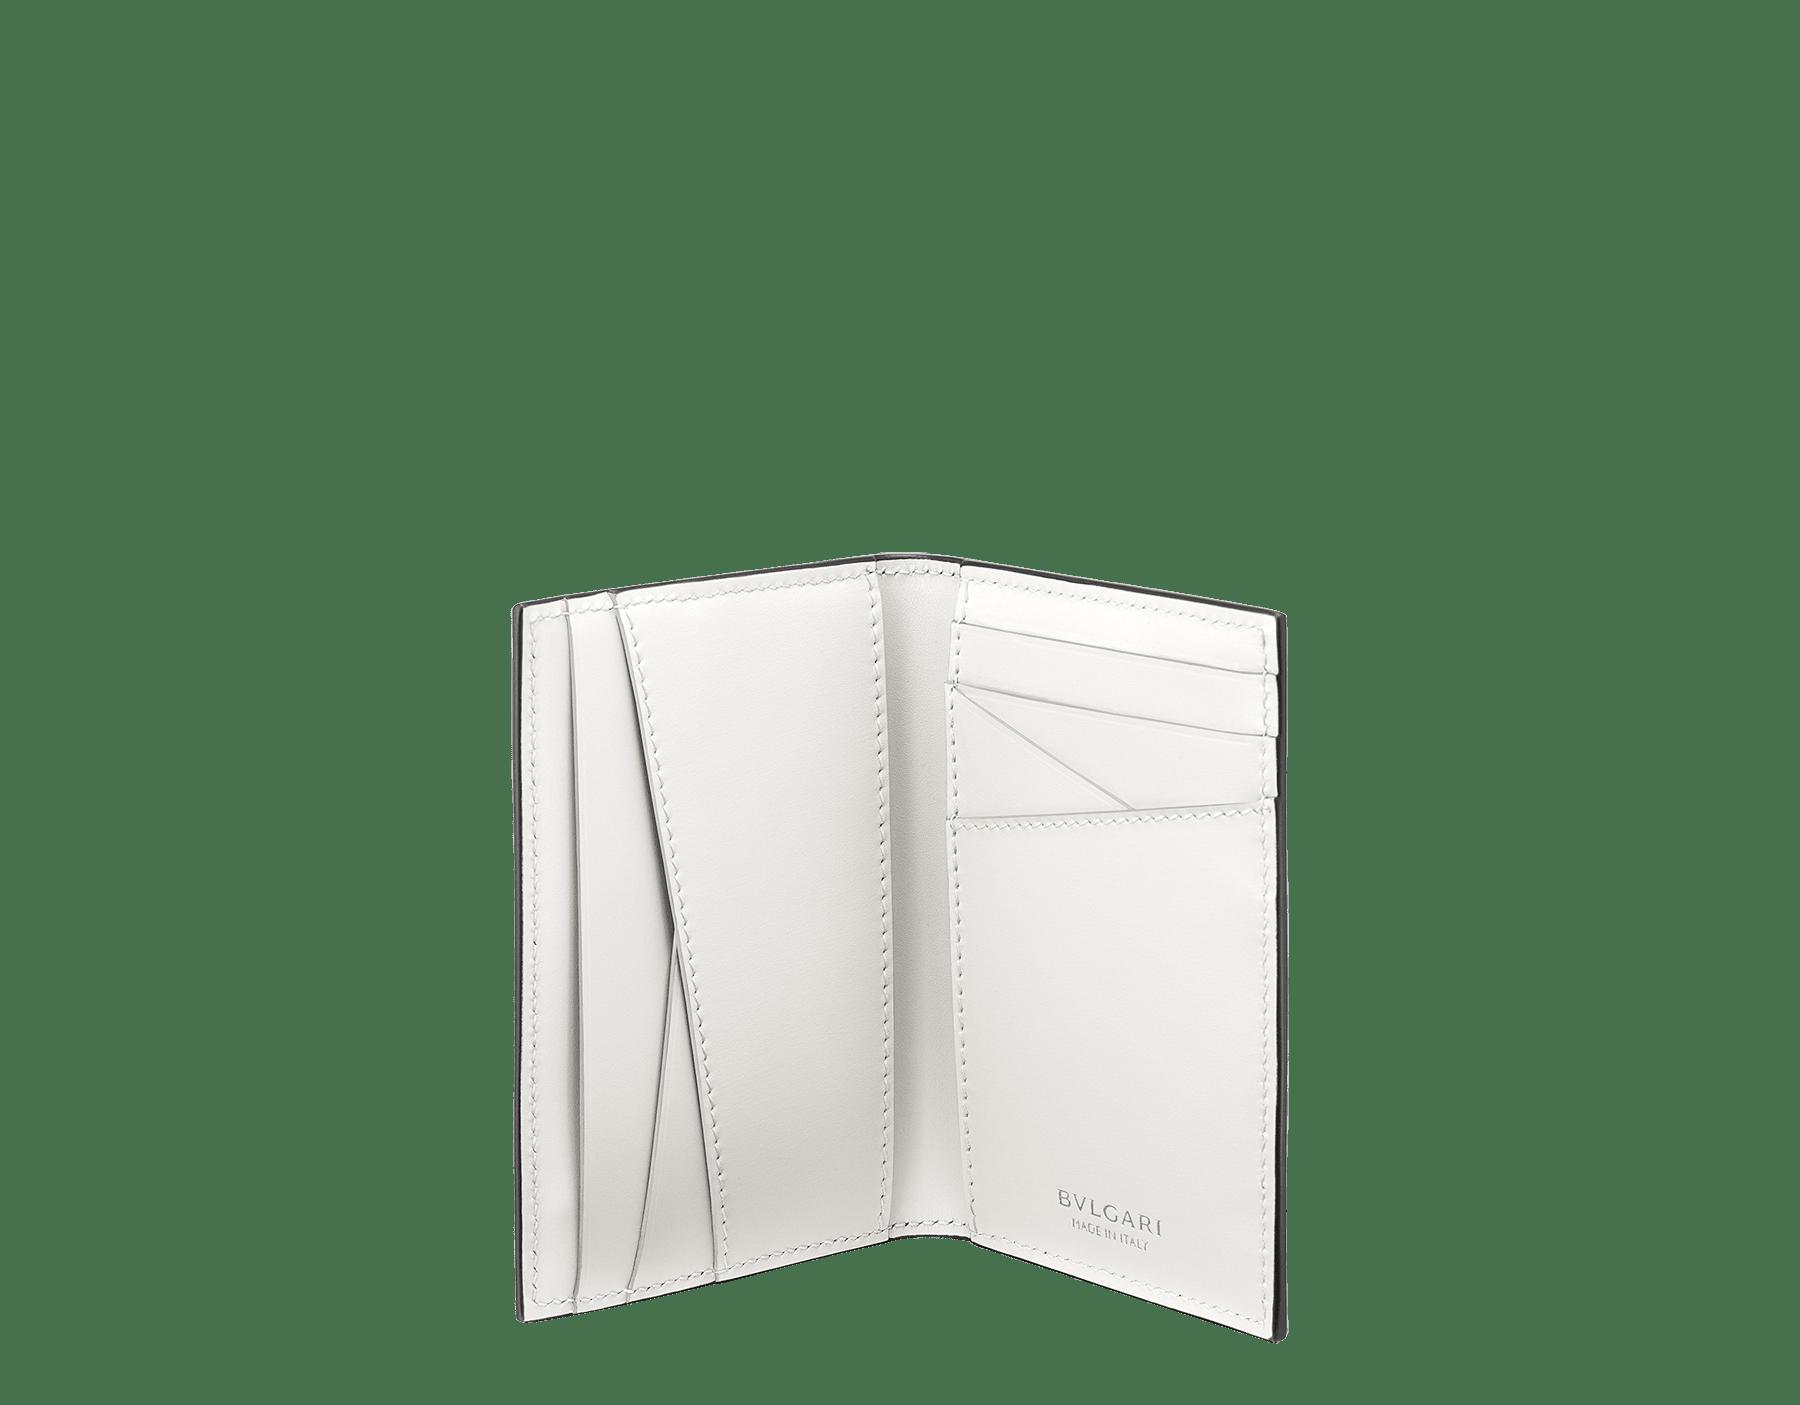 """Porta carte """"BVLGARI BVLGARI"""" in vitello pieno fiore color giada mimetic e vitello color ambra. Iconico motivo """"BVLGARI BVLGARI"""" in ottone placcato palladio e smalto color ambra. BBM-VERTICALCCHsfgcl image 2"""